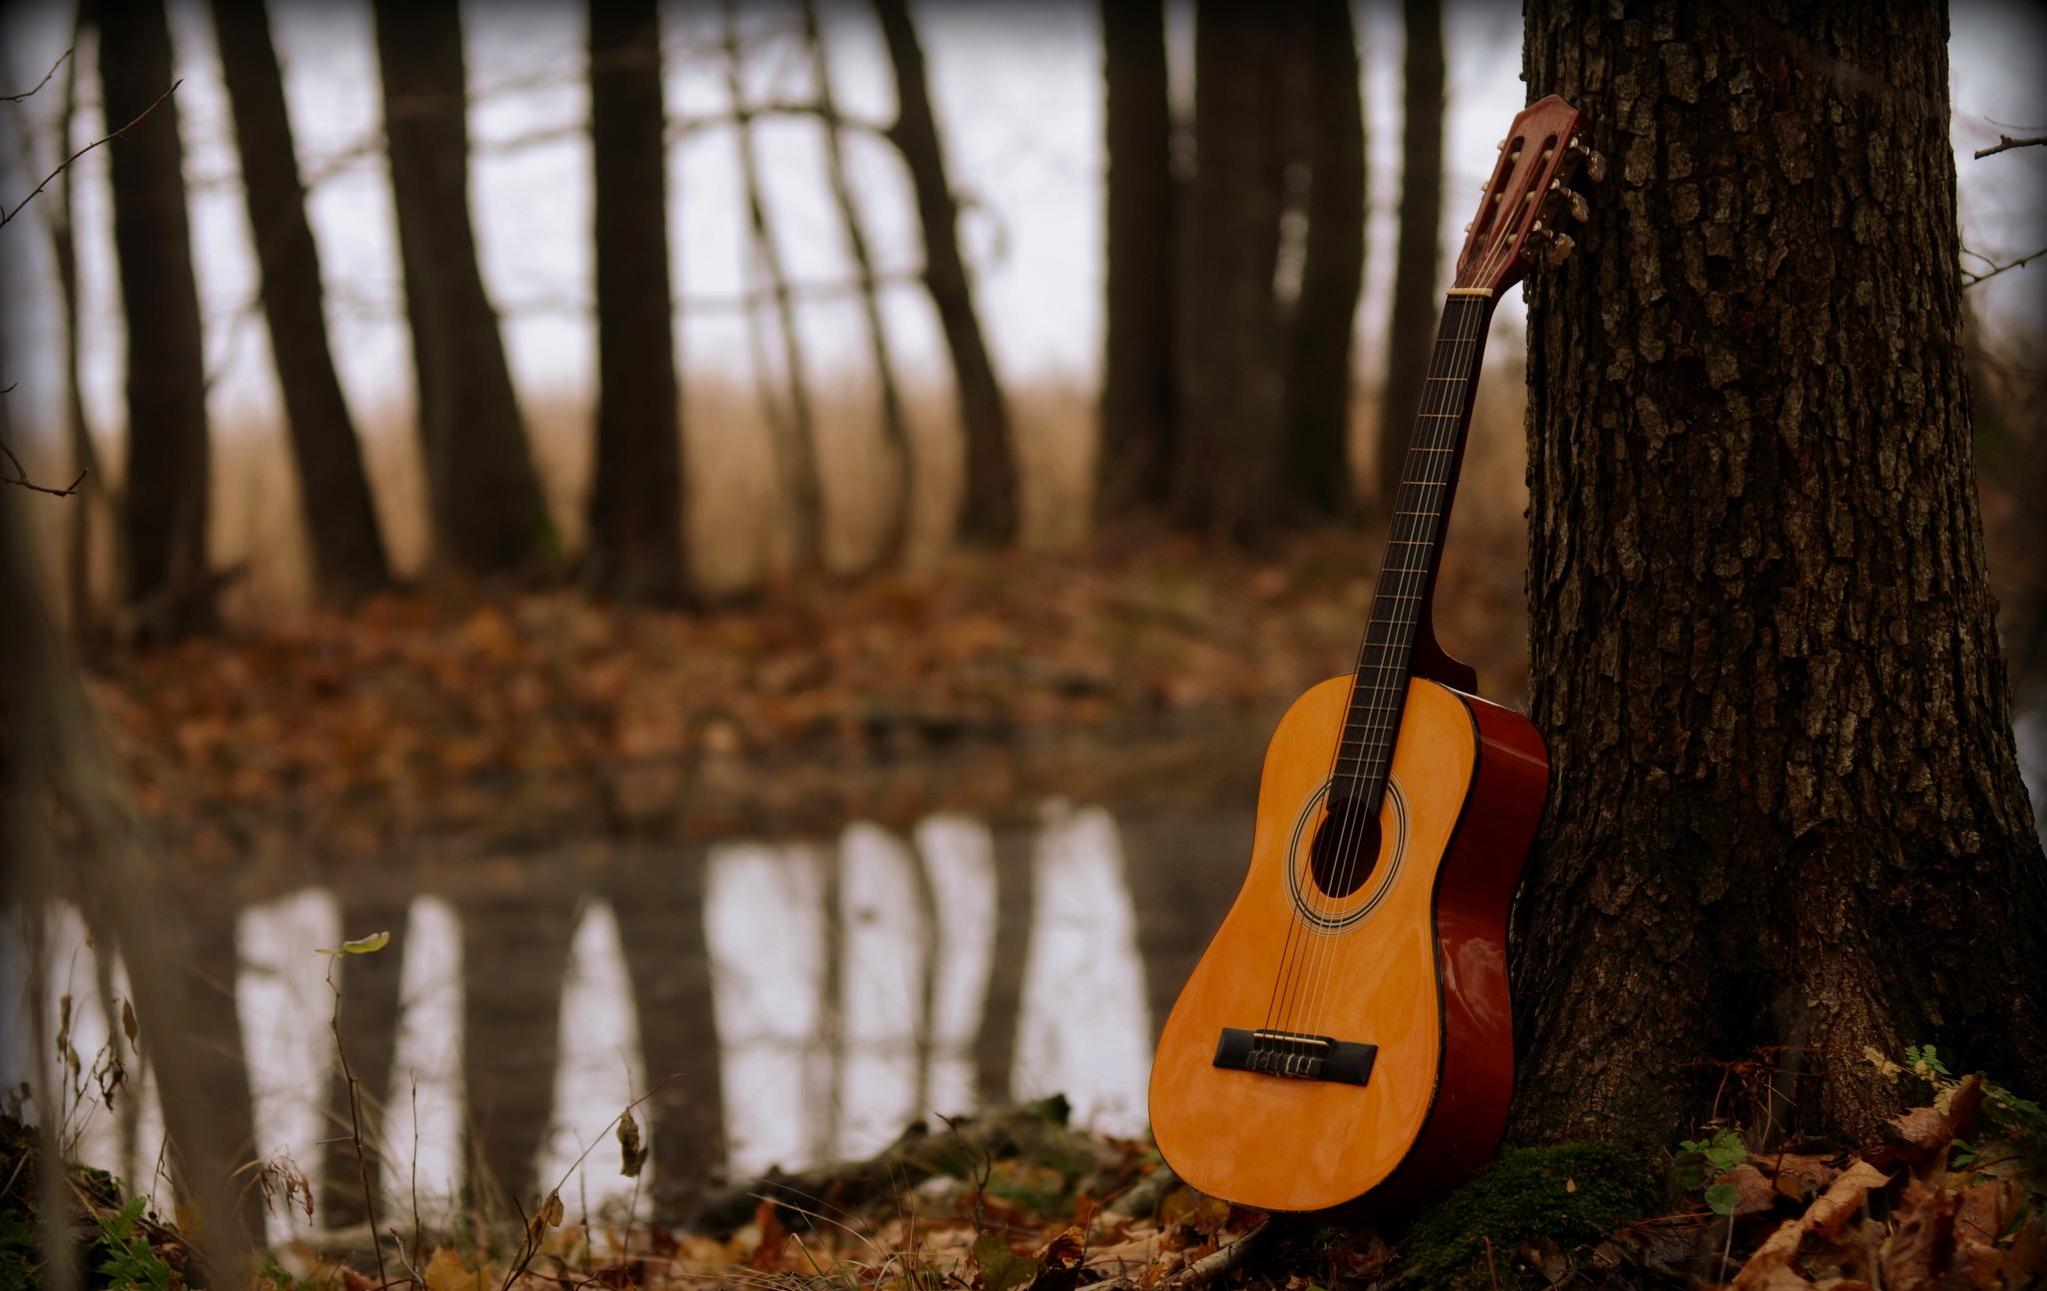 парень гитара мужчина природа дерево  № 3470080 бесплатно